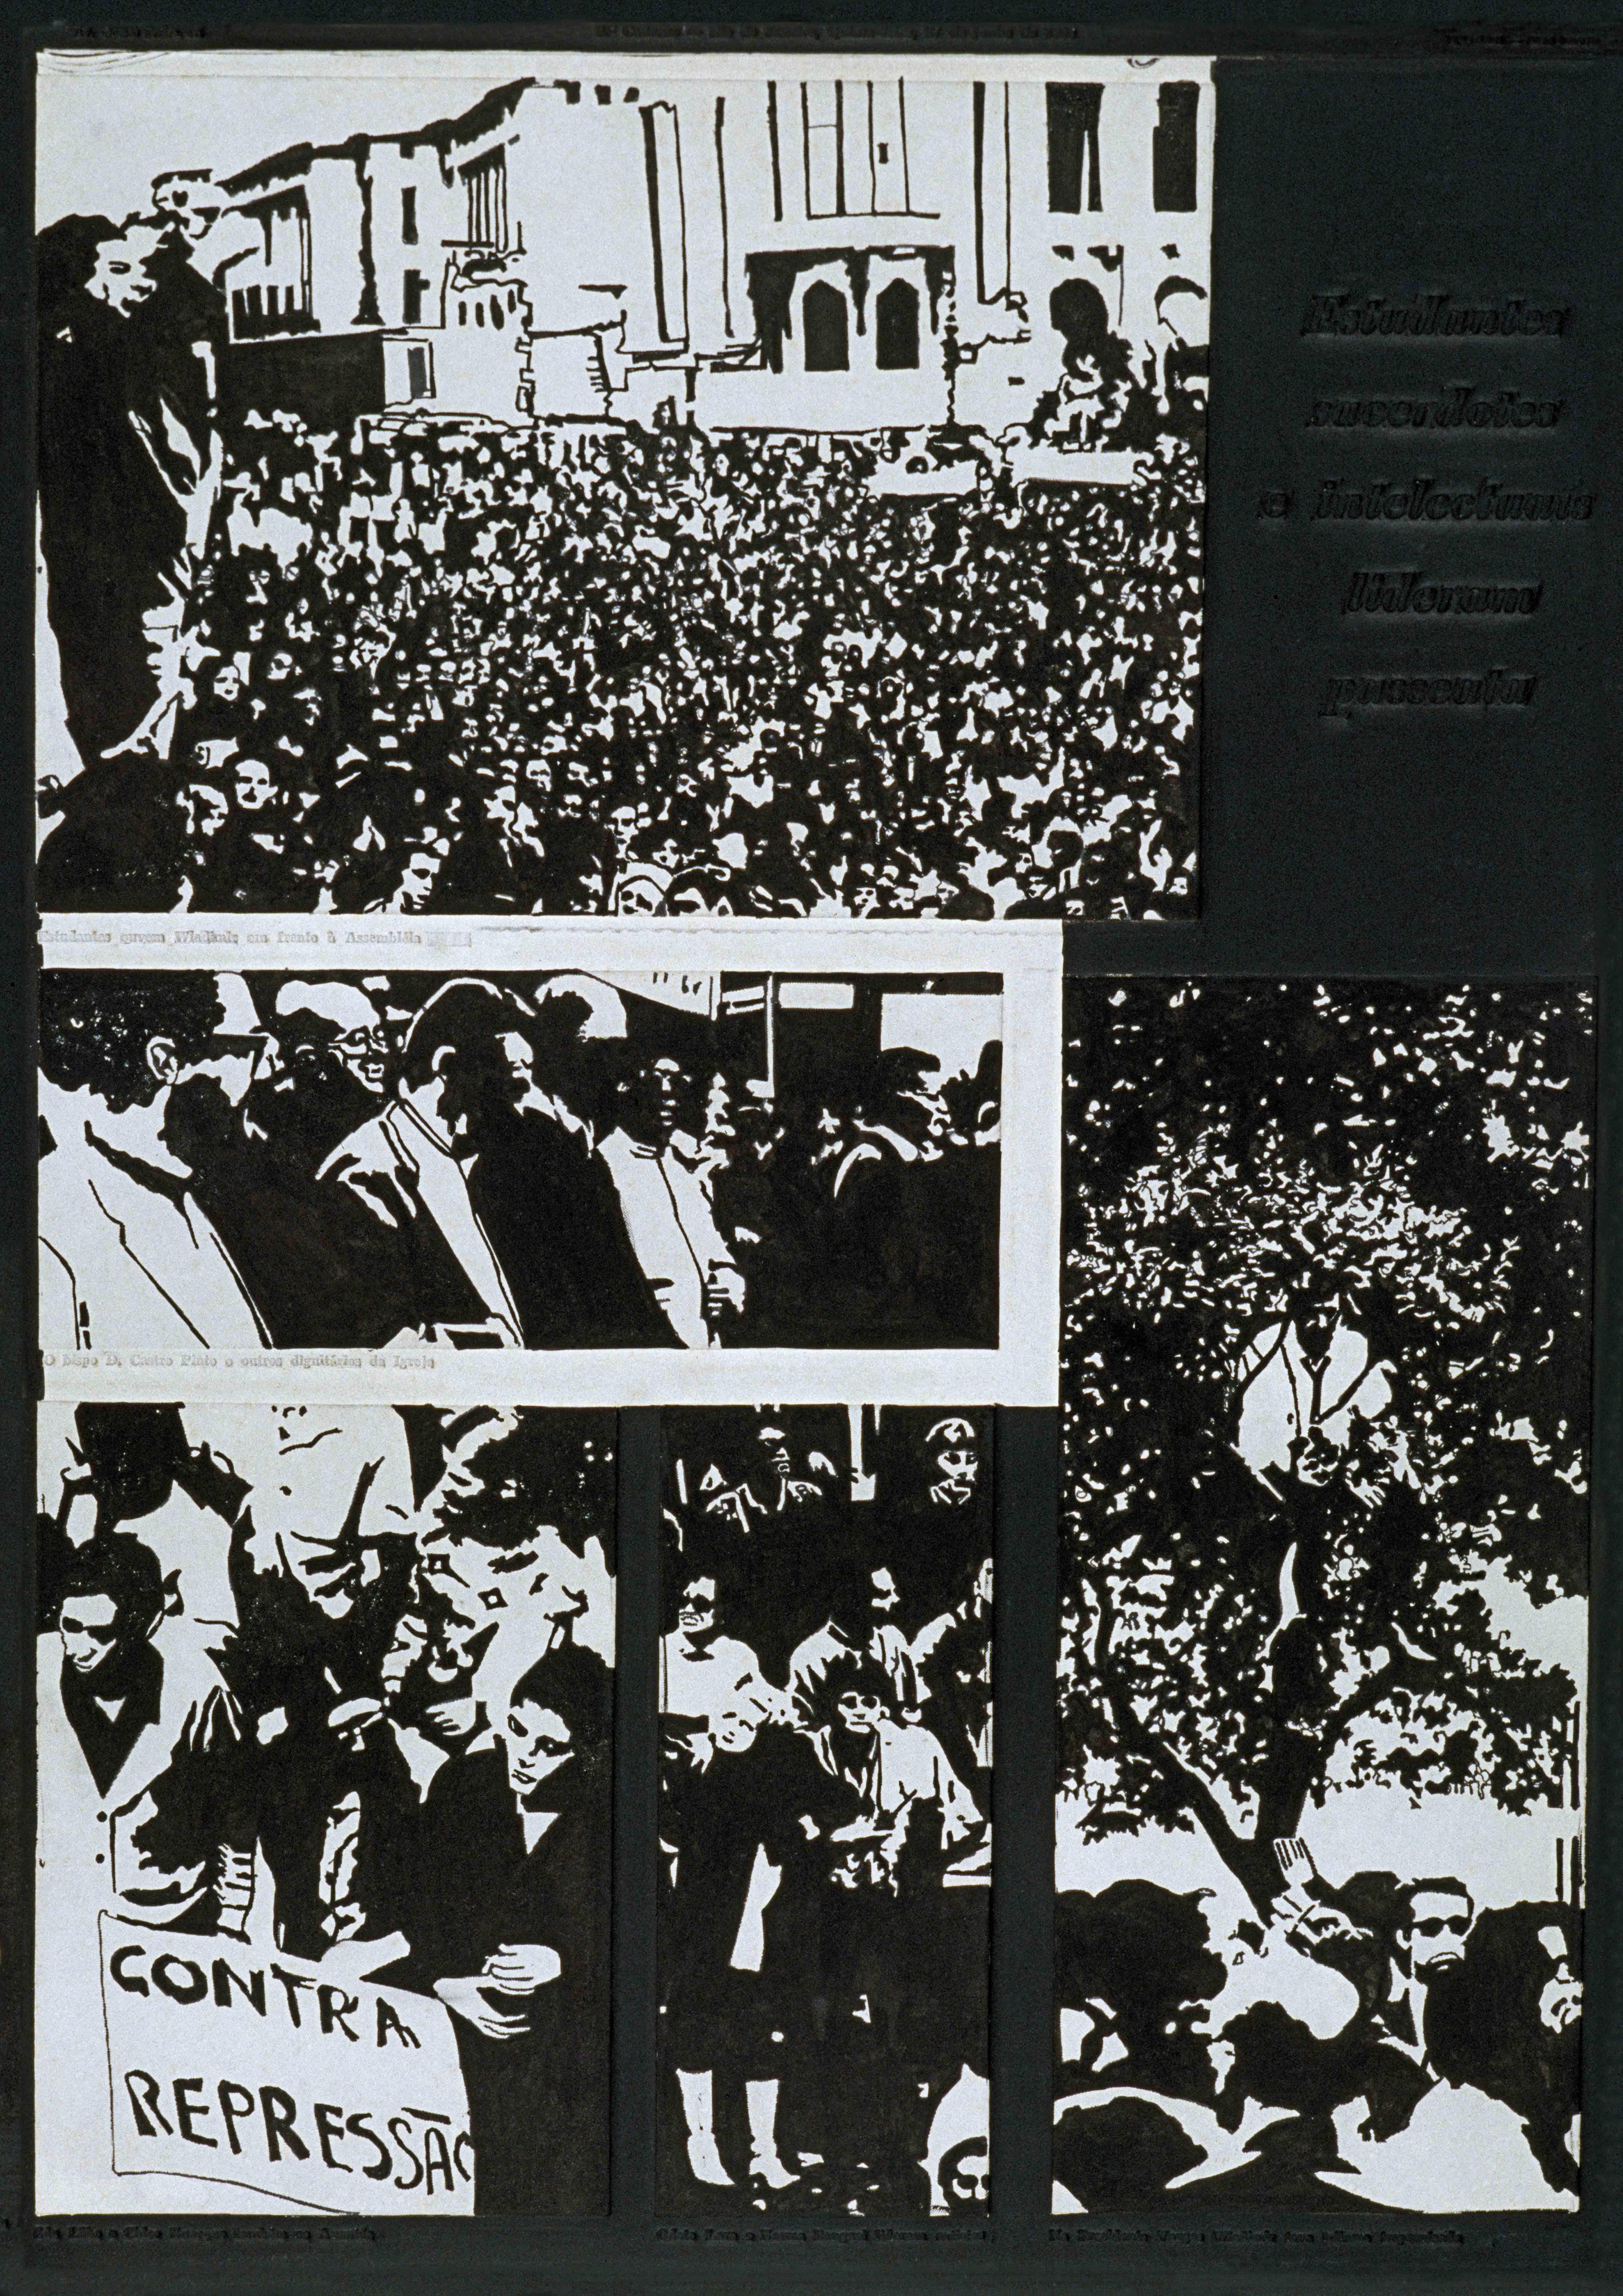 contra-a-repressao_1968